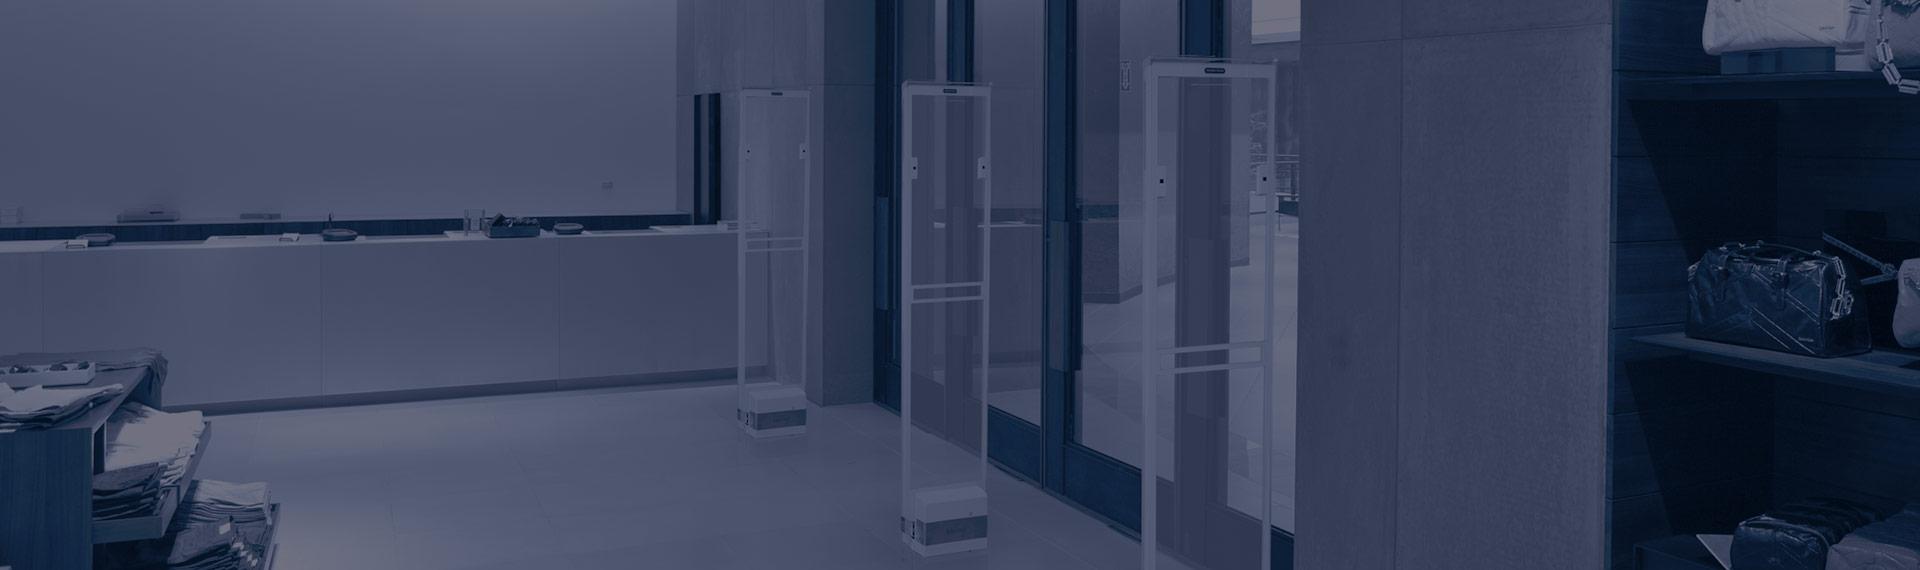 Sistemas de deteção automática de incêndios Sistemas antifurto EAS para retalho